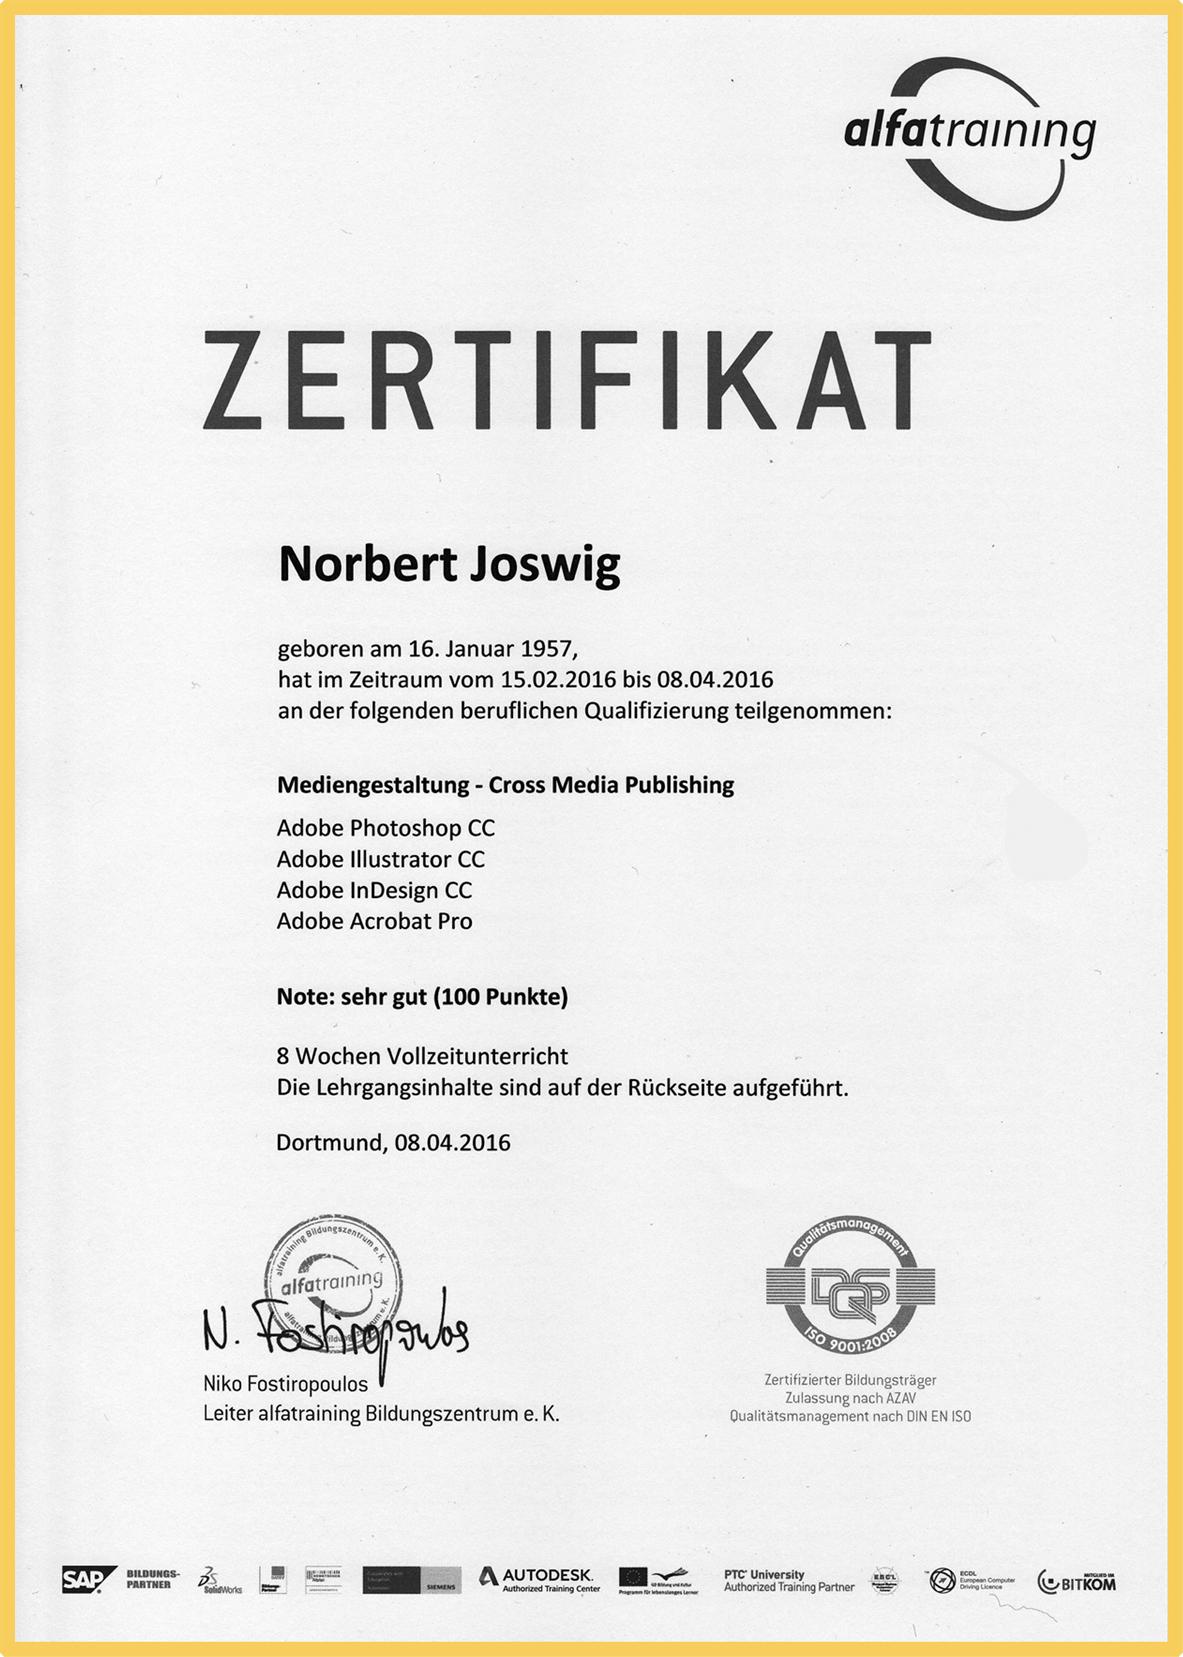 Gemütlich Höflichkeitsbeamterziel Fotos - Entry Level Resume ...